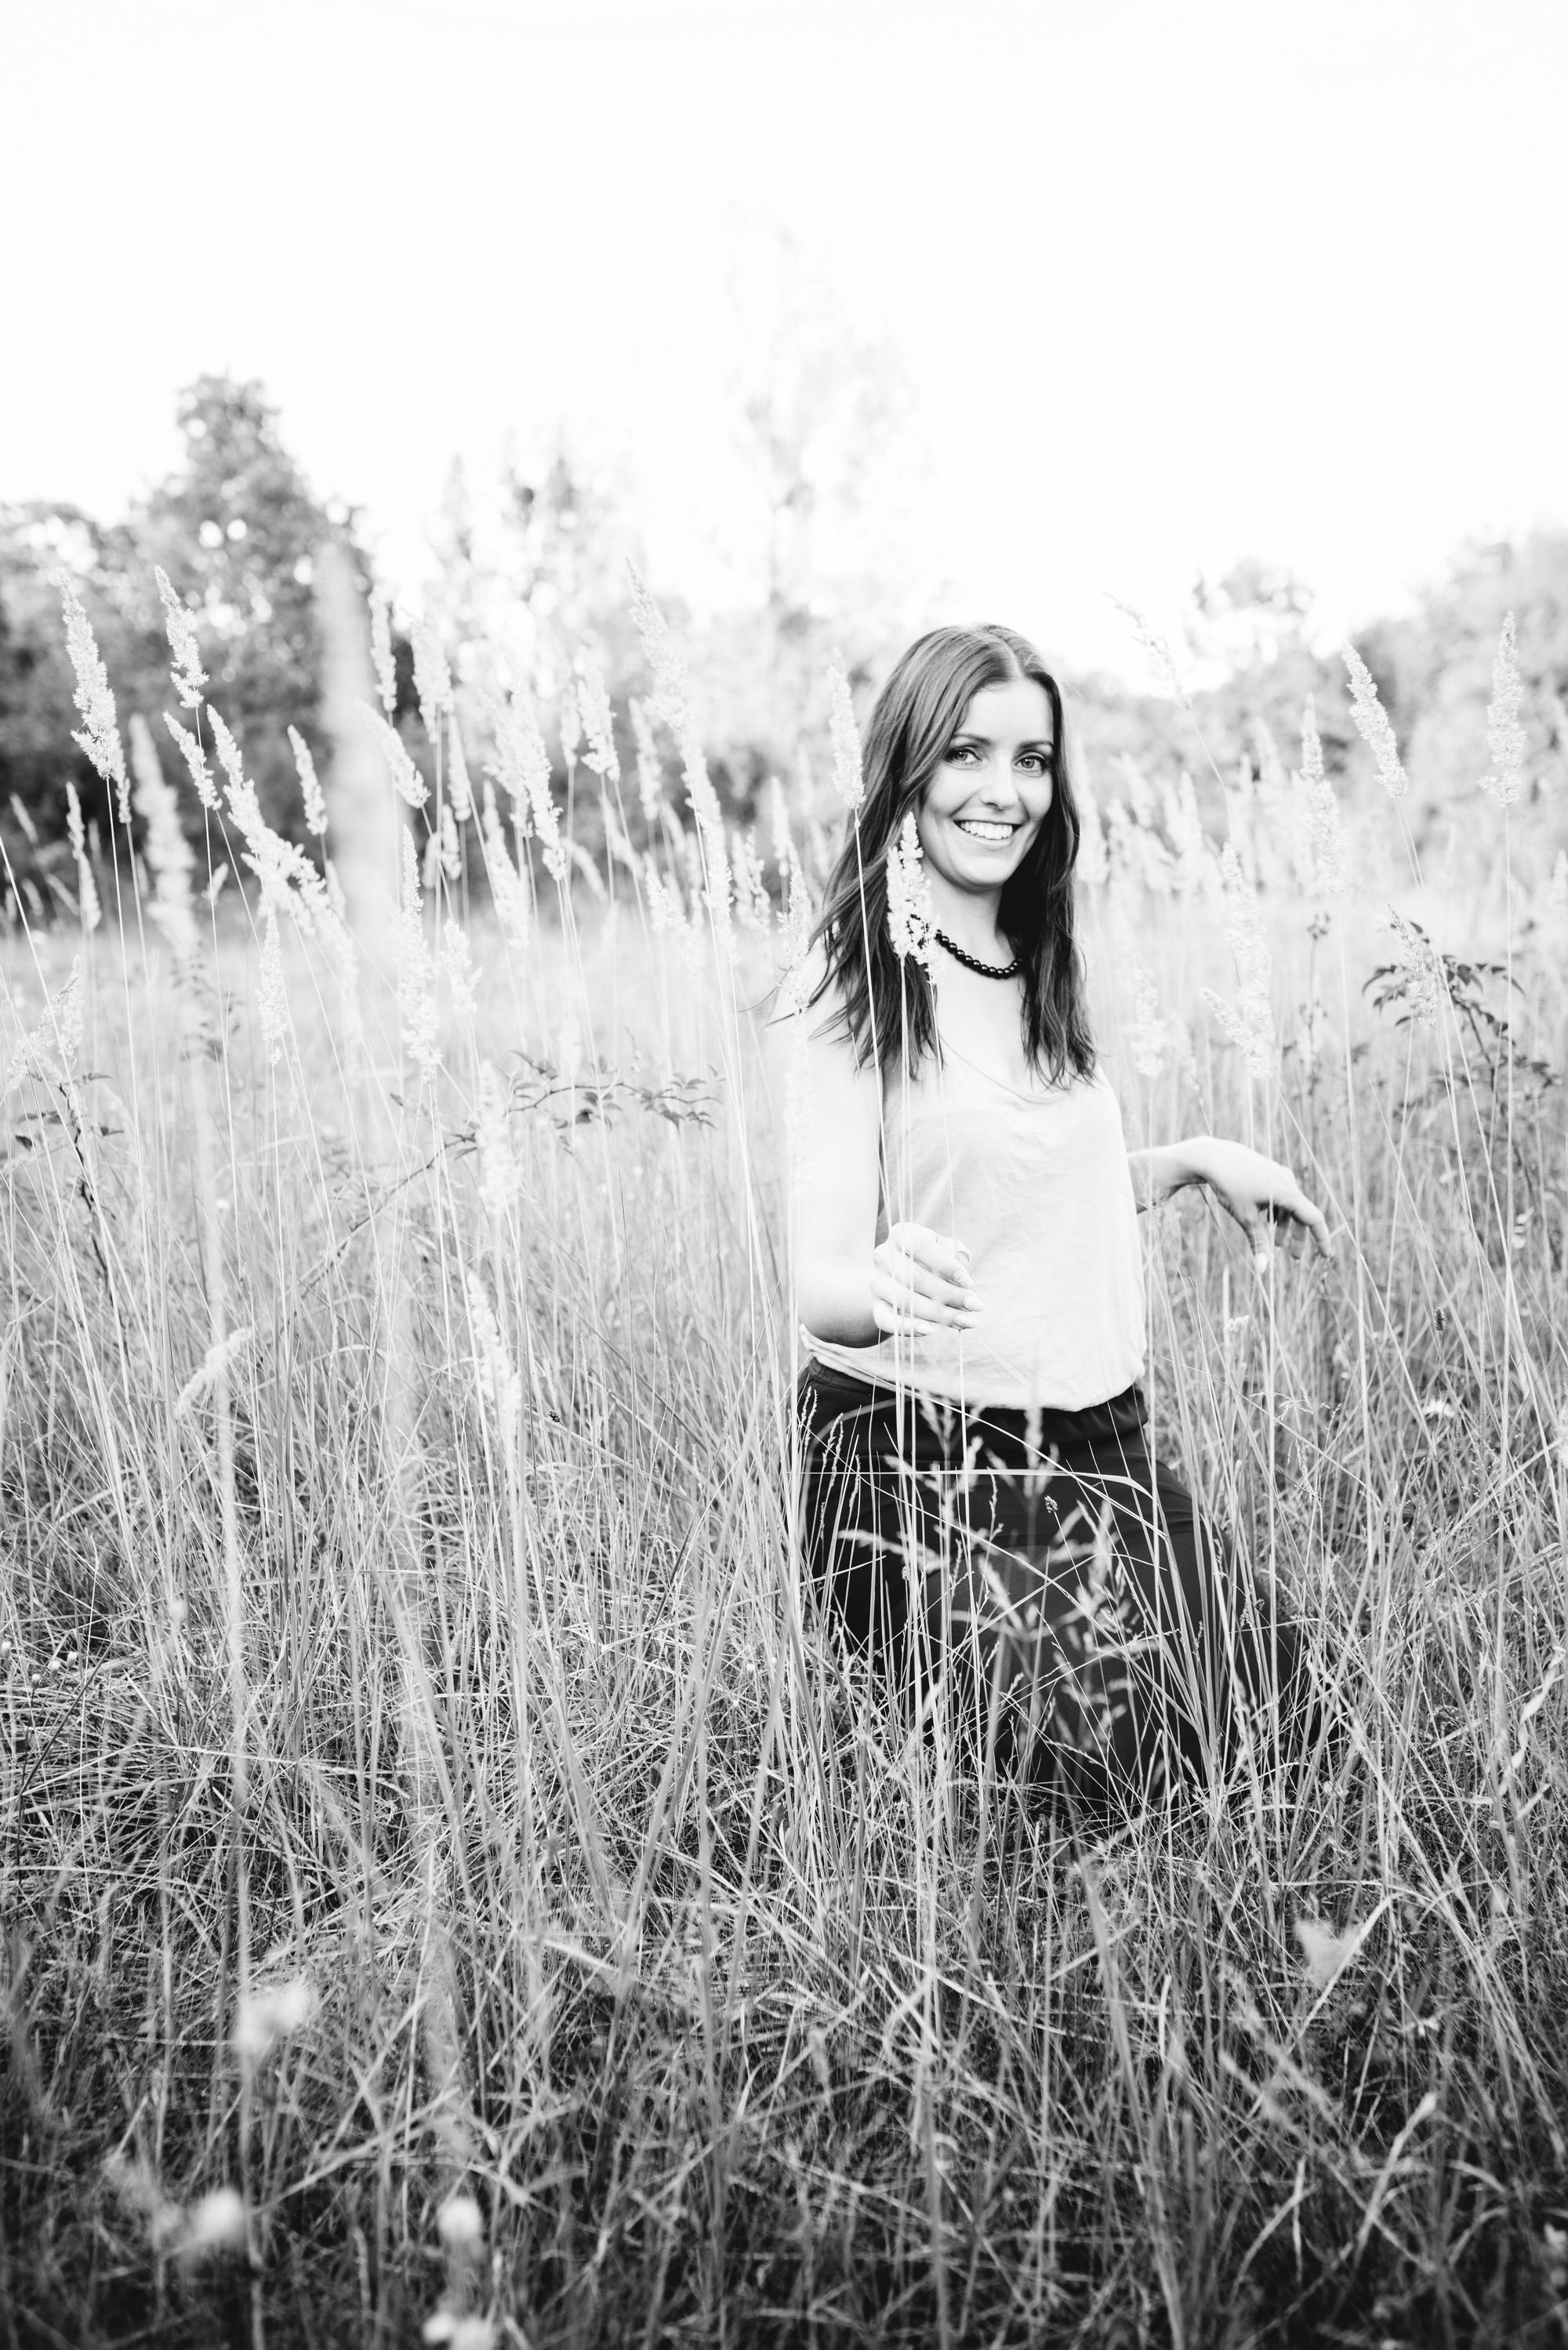 lisa_k-387_bildgroesse-aendern